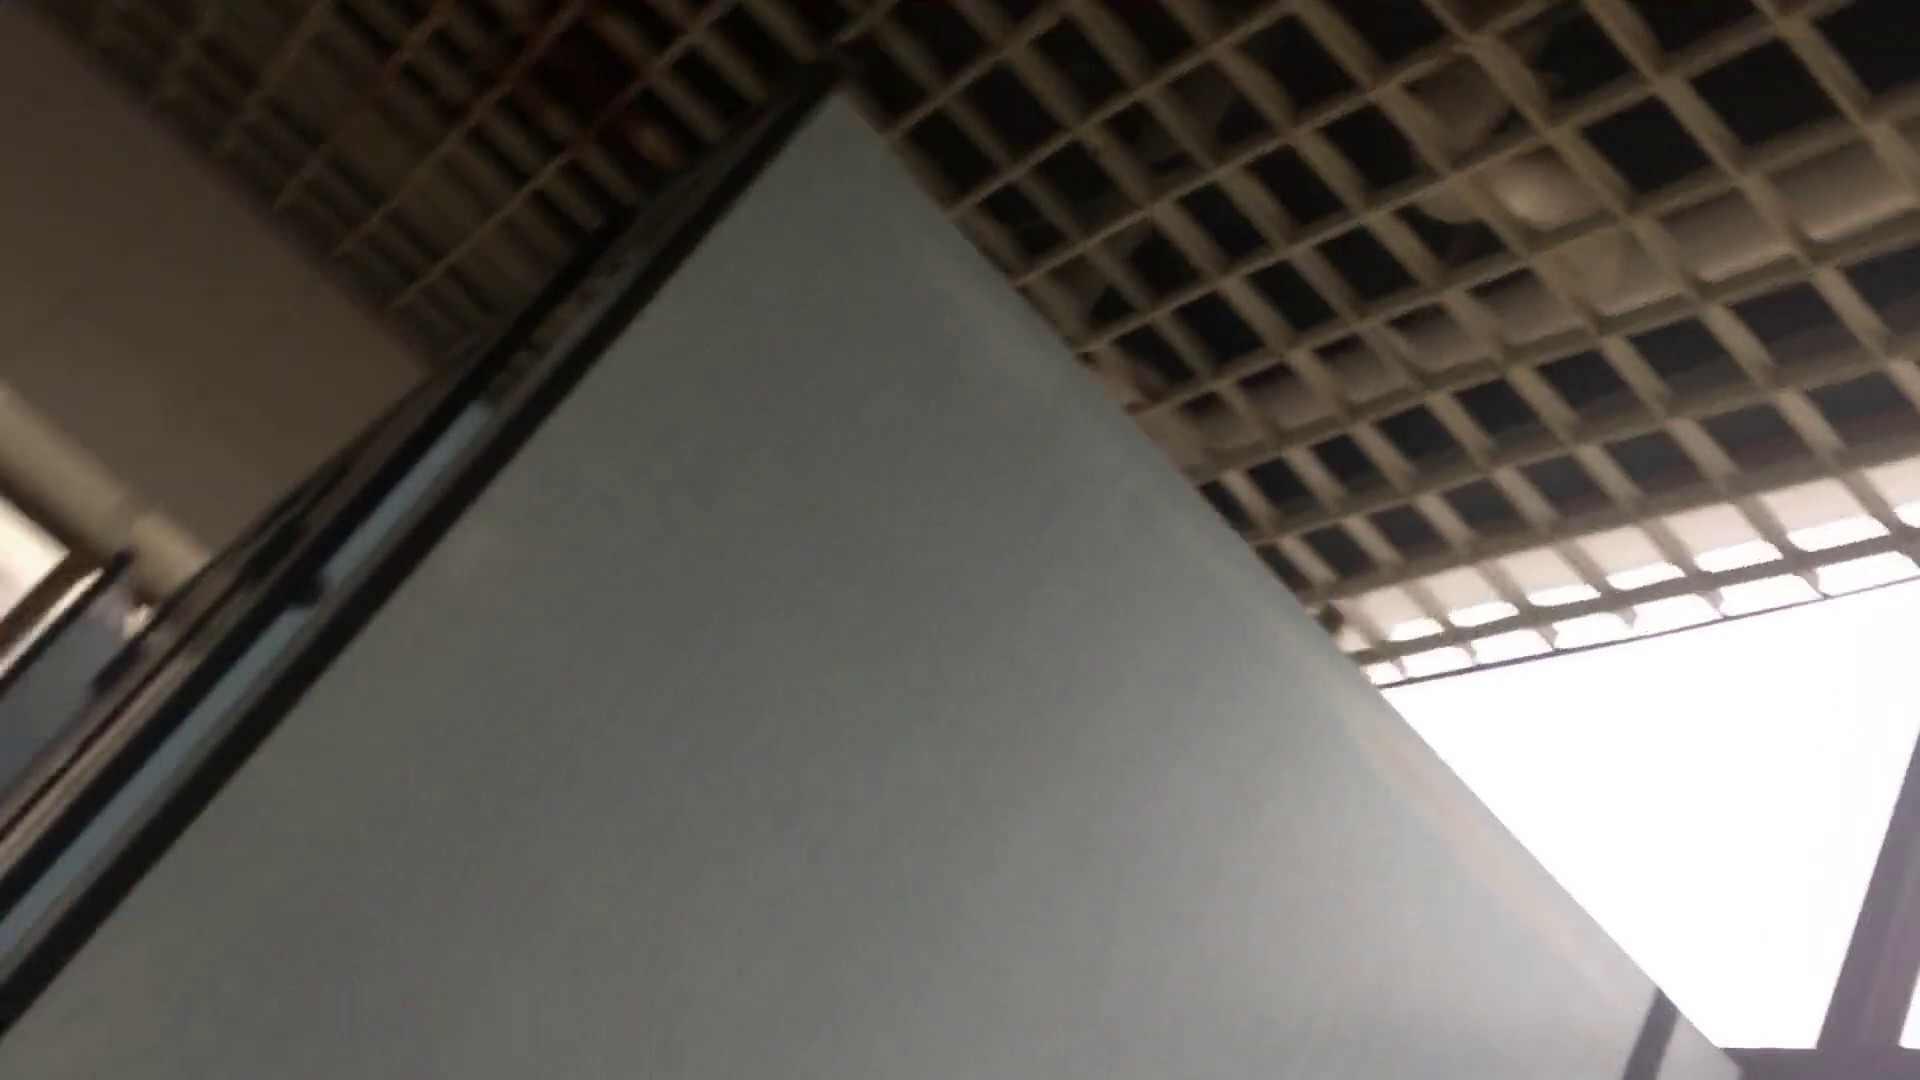 芸術大学ガチ潜入盗撮 JD盗撮 美女の洗面所の秘密 Vol.80 トイレ中 | 洗面所着替え  64連発 41